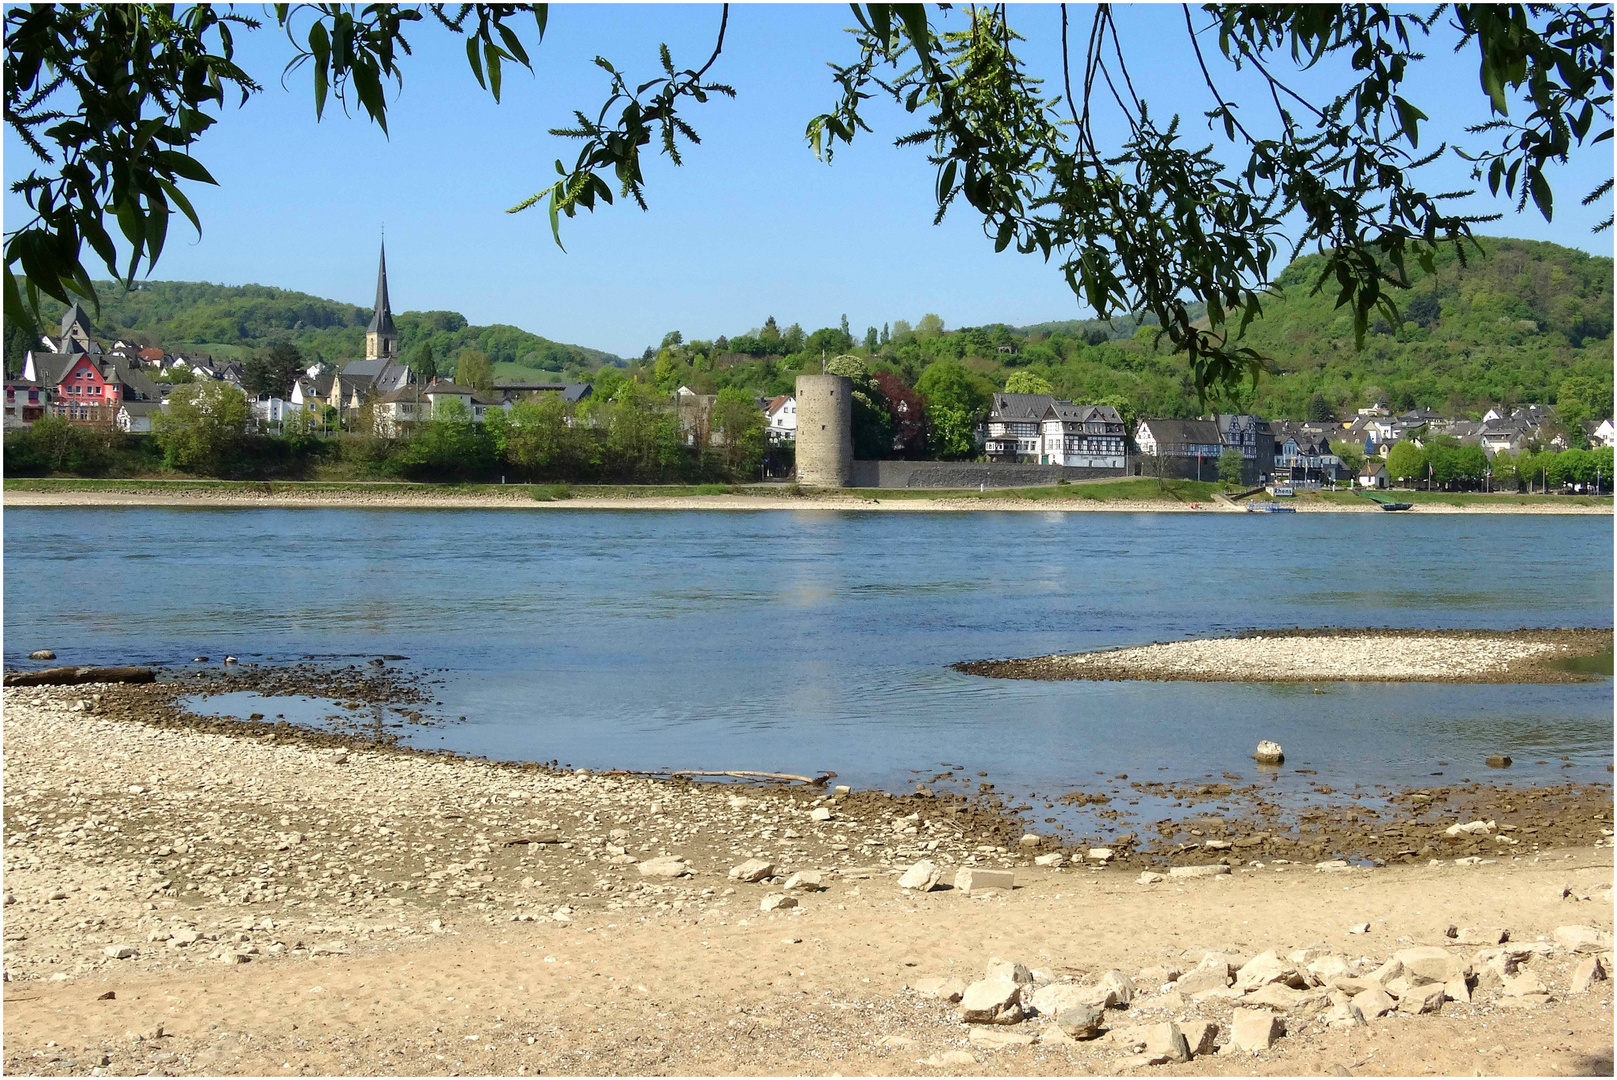 Blick auf das Gestade von Rhens am Rhein